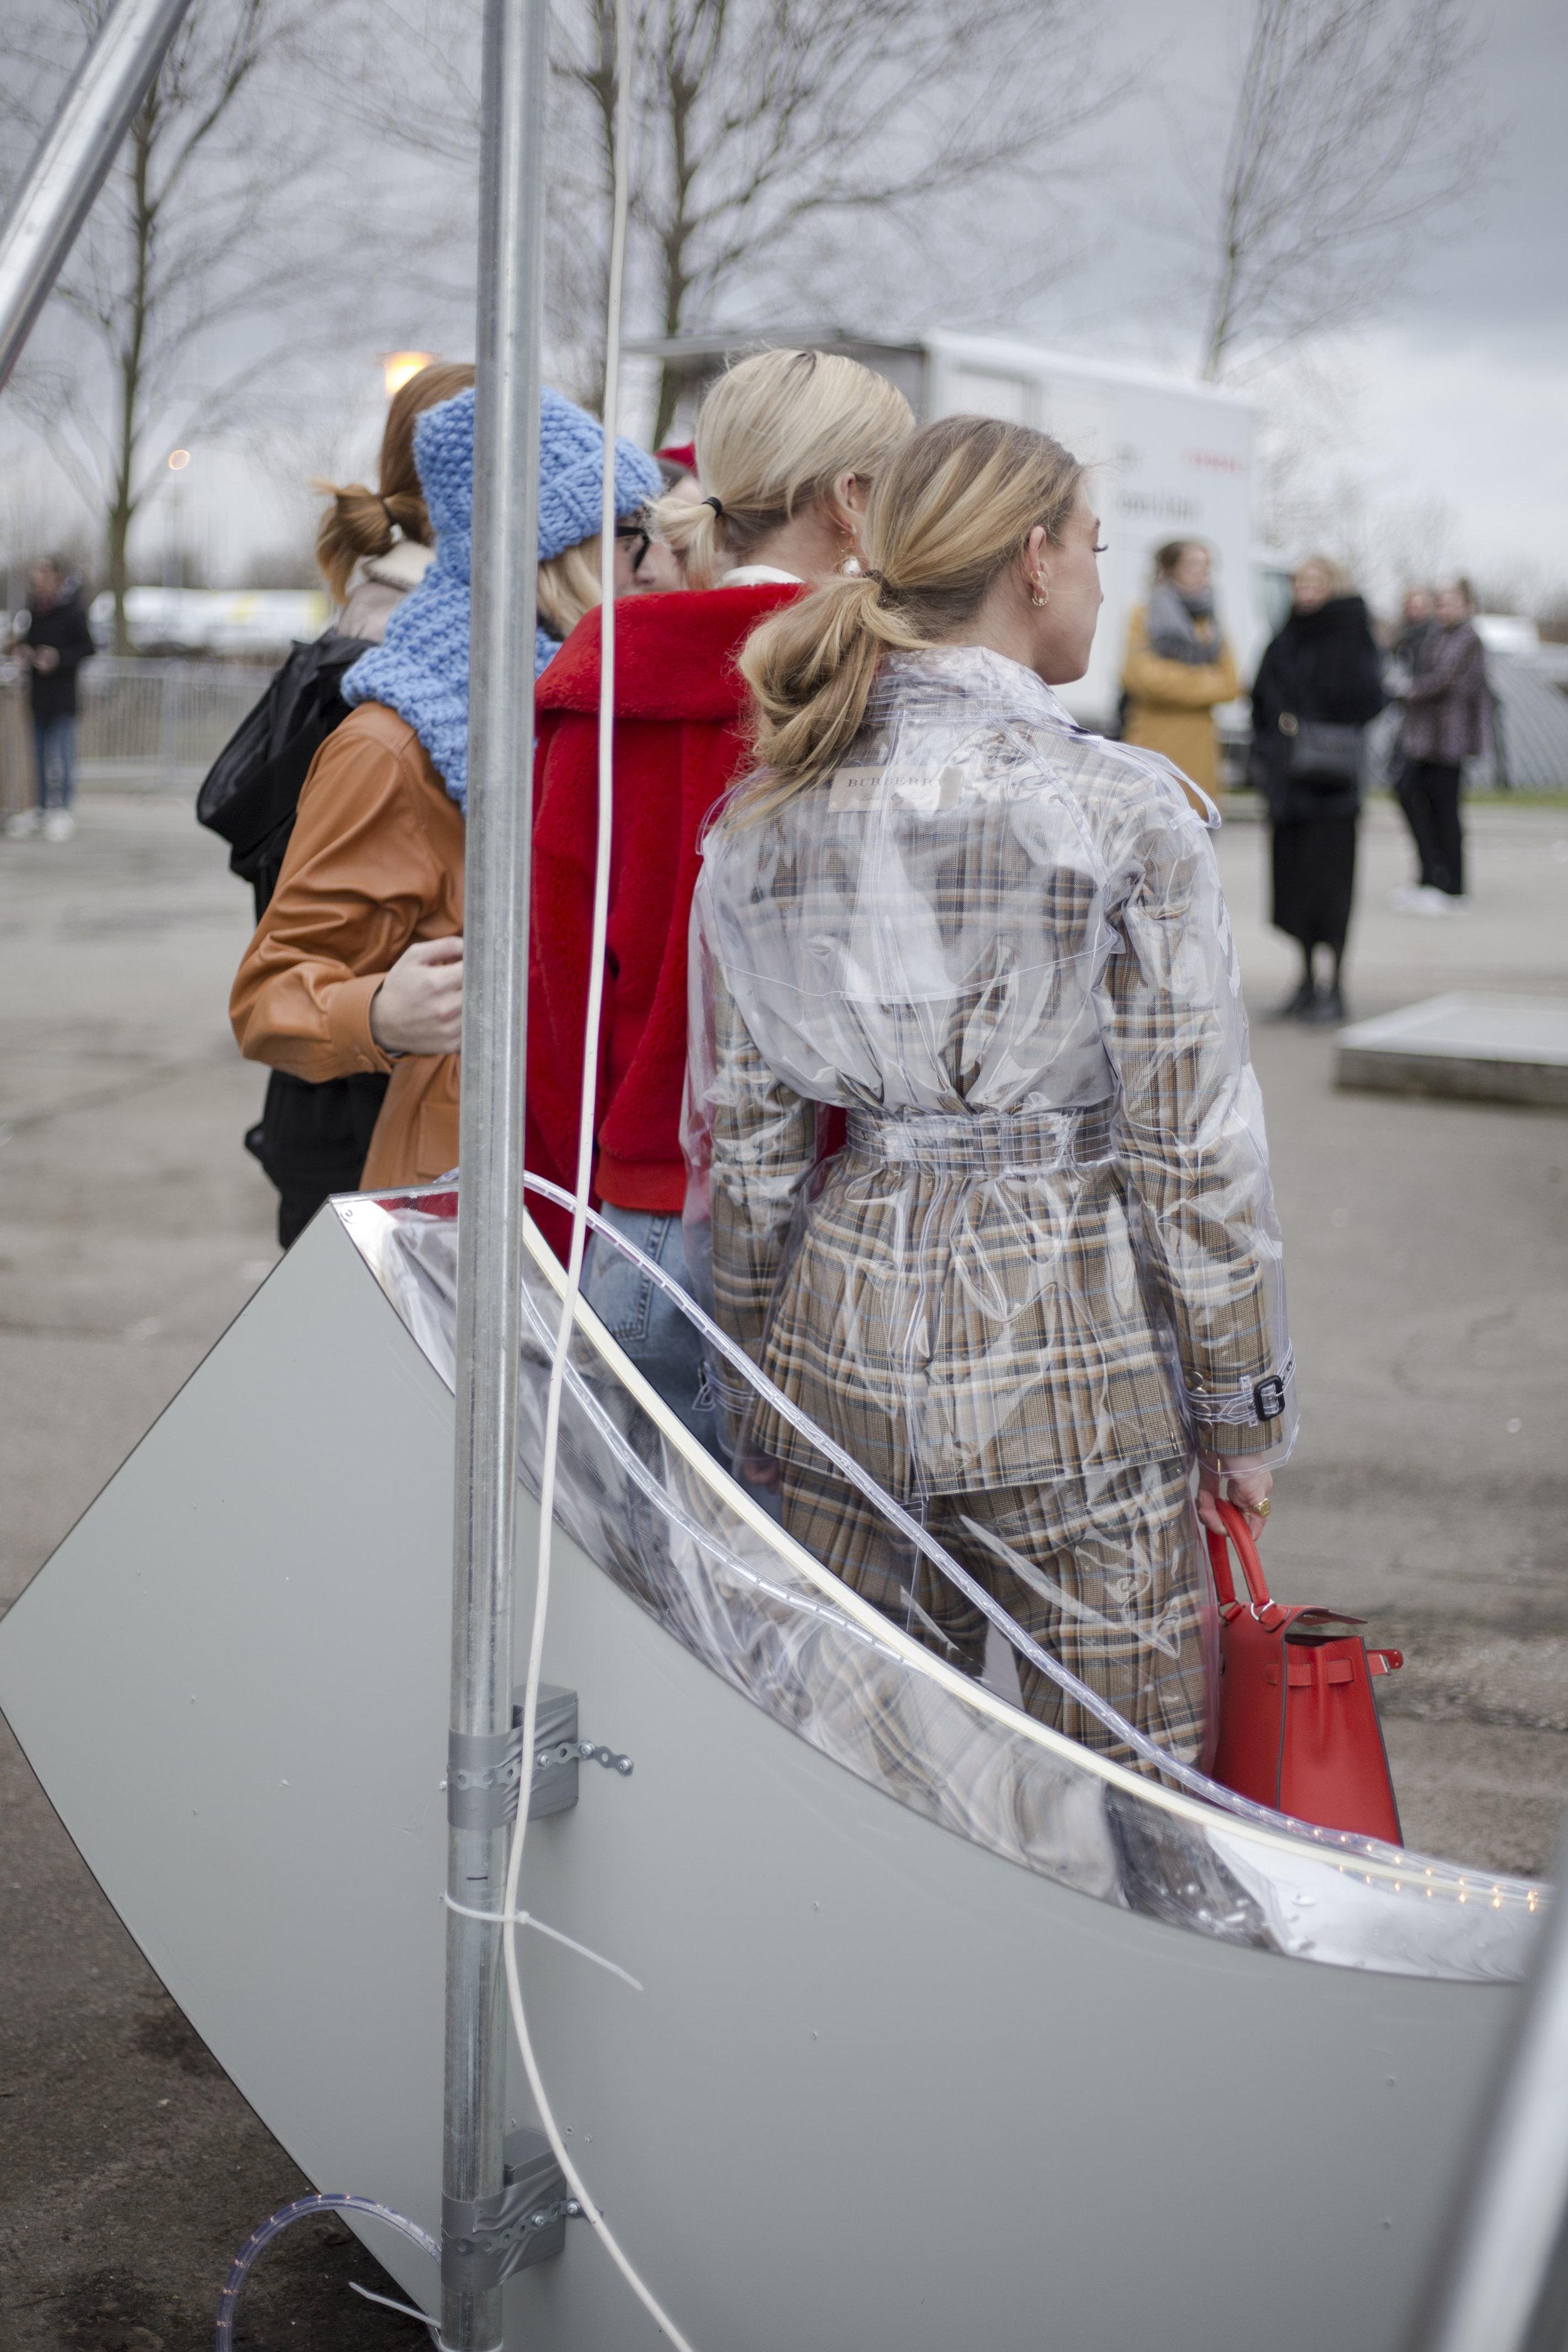 burberry-suit-emili-sindlev-copenhagen-fashion-week-scandinavian-street-style-streetstyle-thestreetland-fashion-best-style.jpg